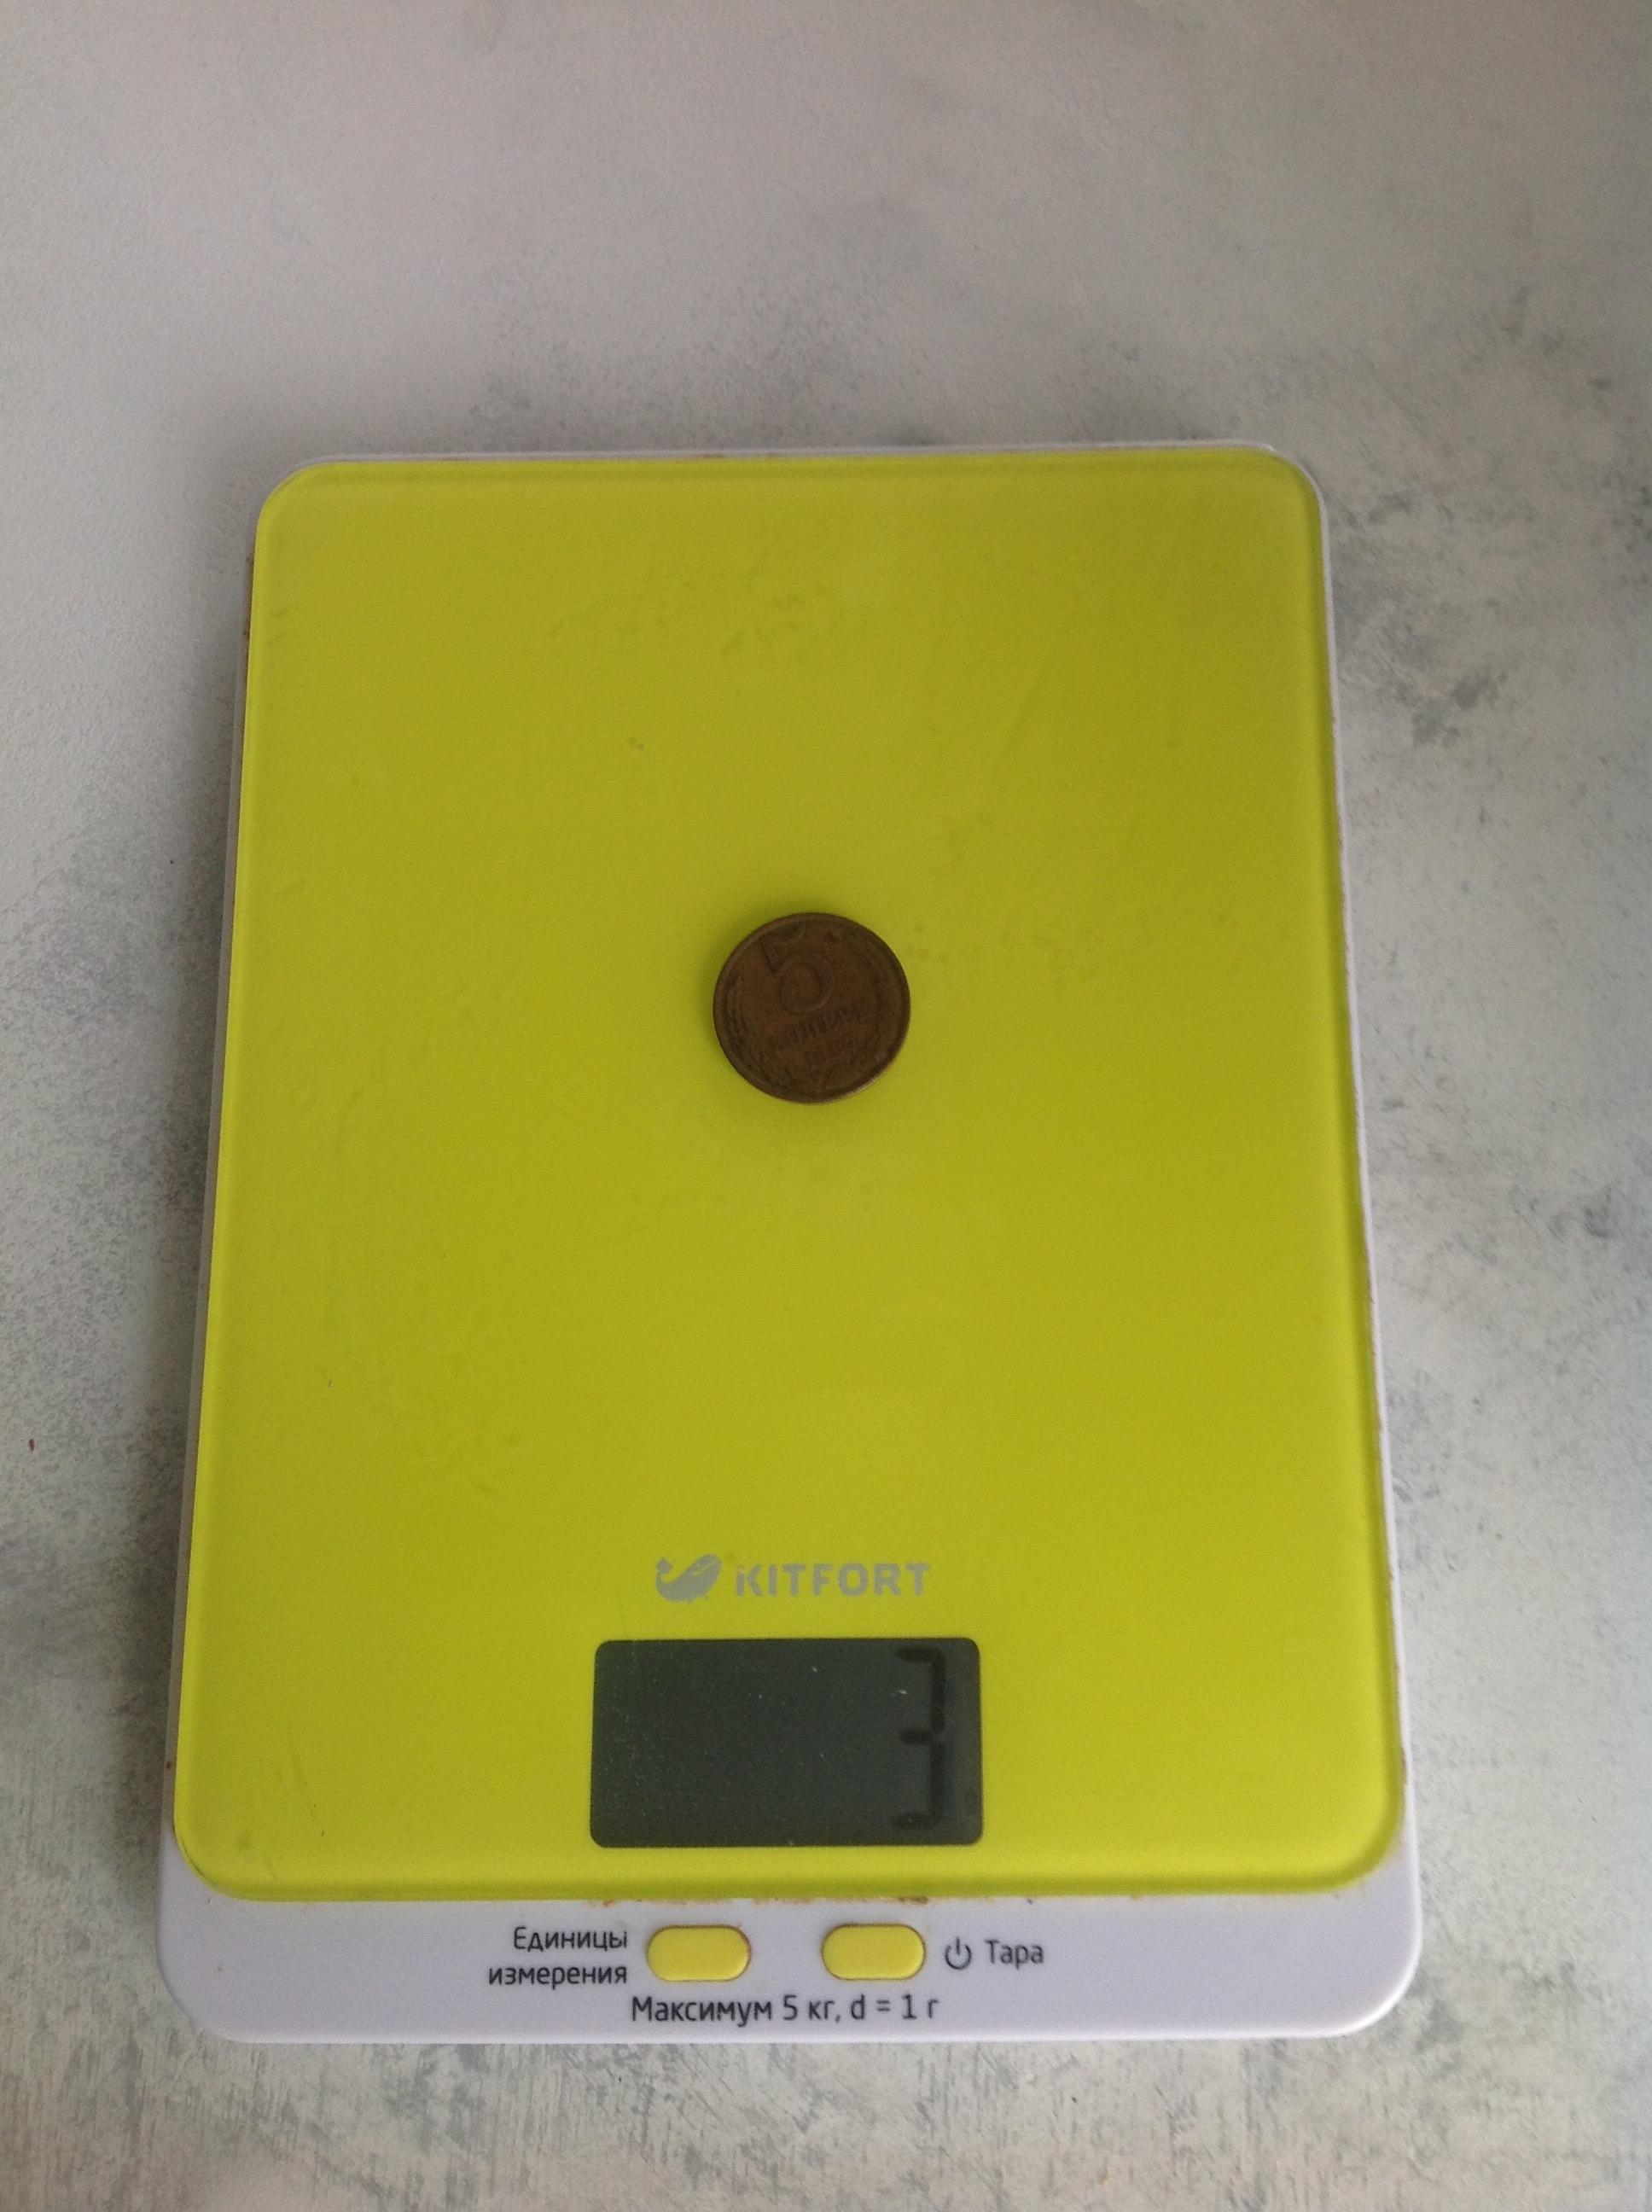 вес монеты 5 копеек советской